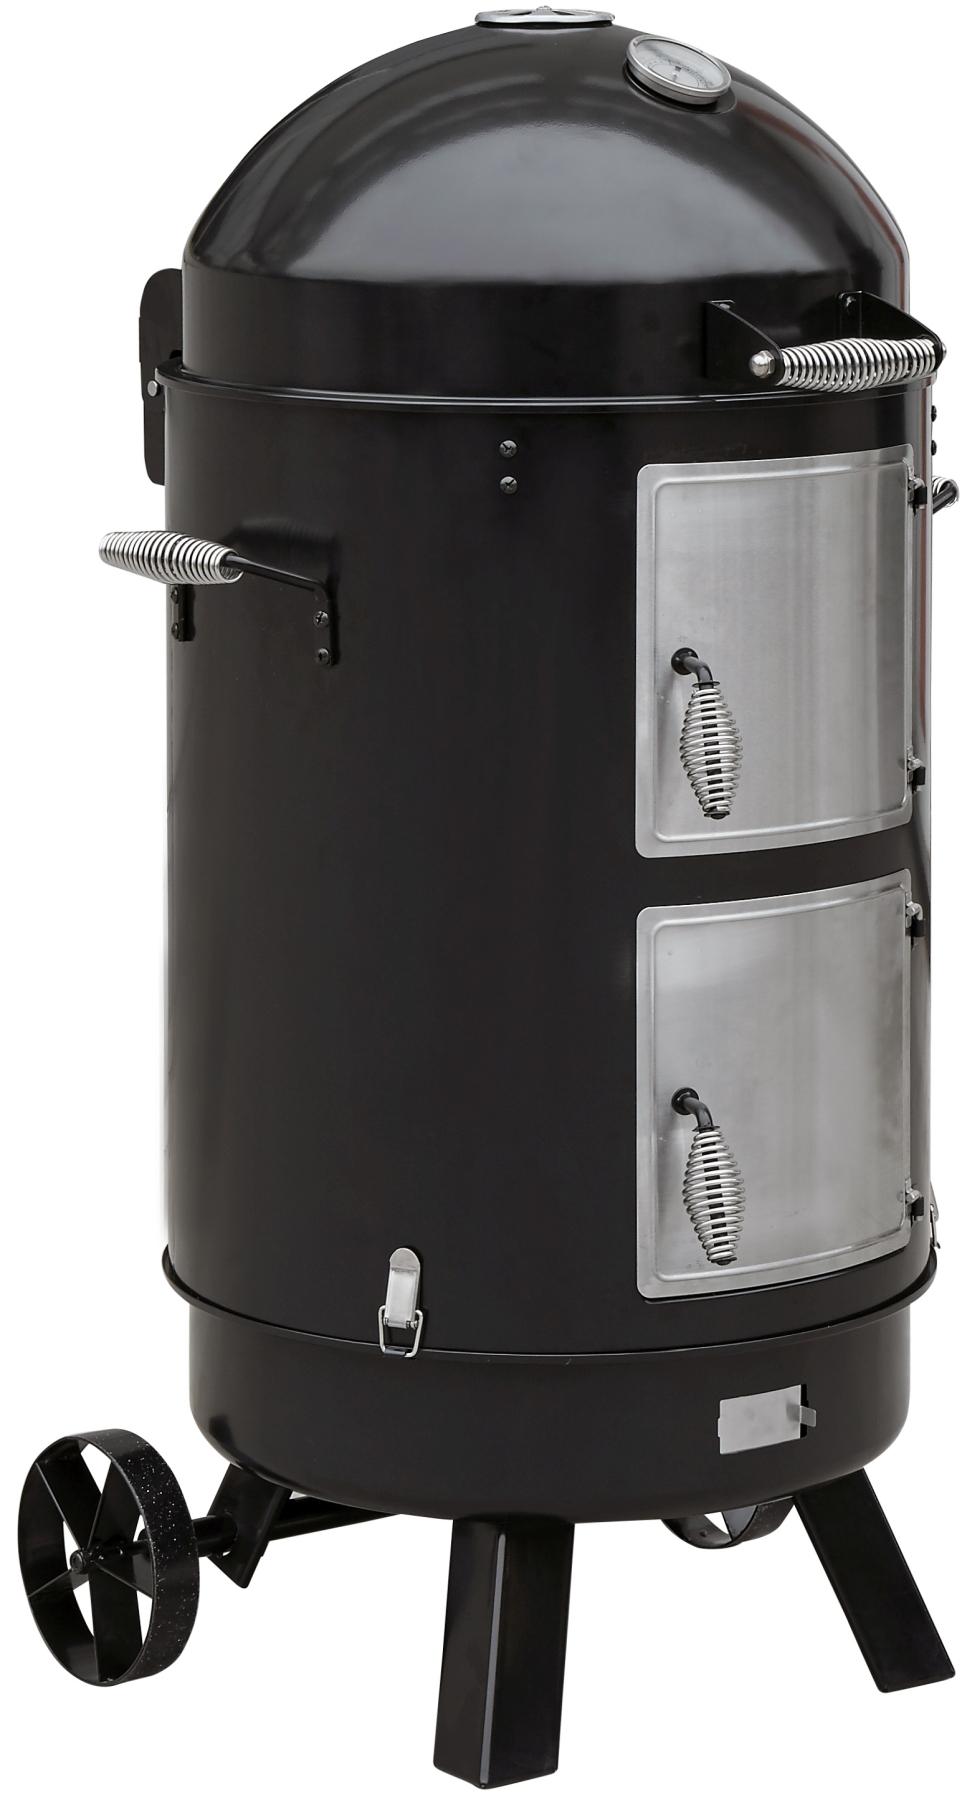 El Fuego Kombigrill / Vertikalsmoker 3-in-1 Staunton Grillfl. Ø 53cmx3 Bild 2